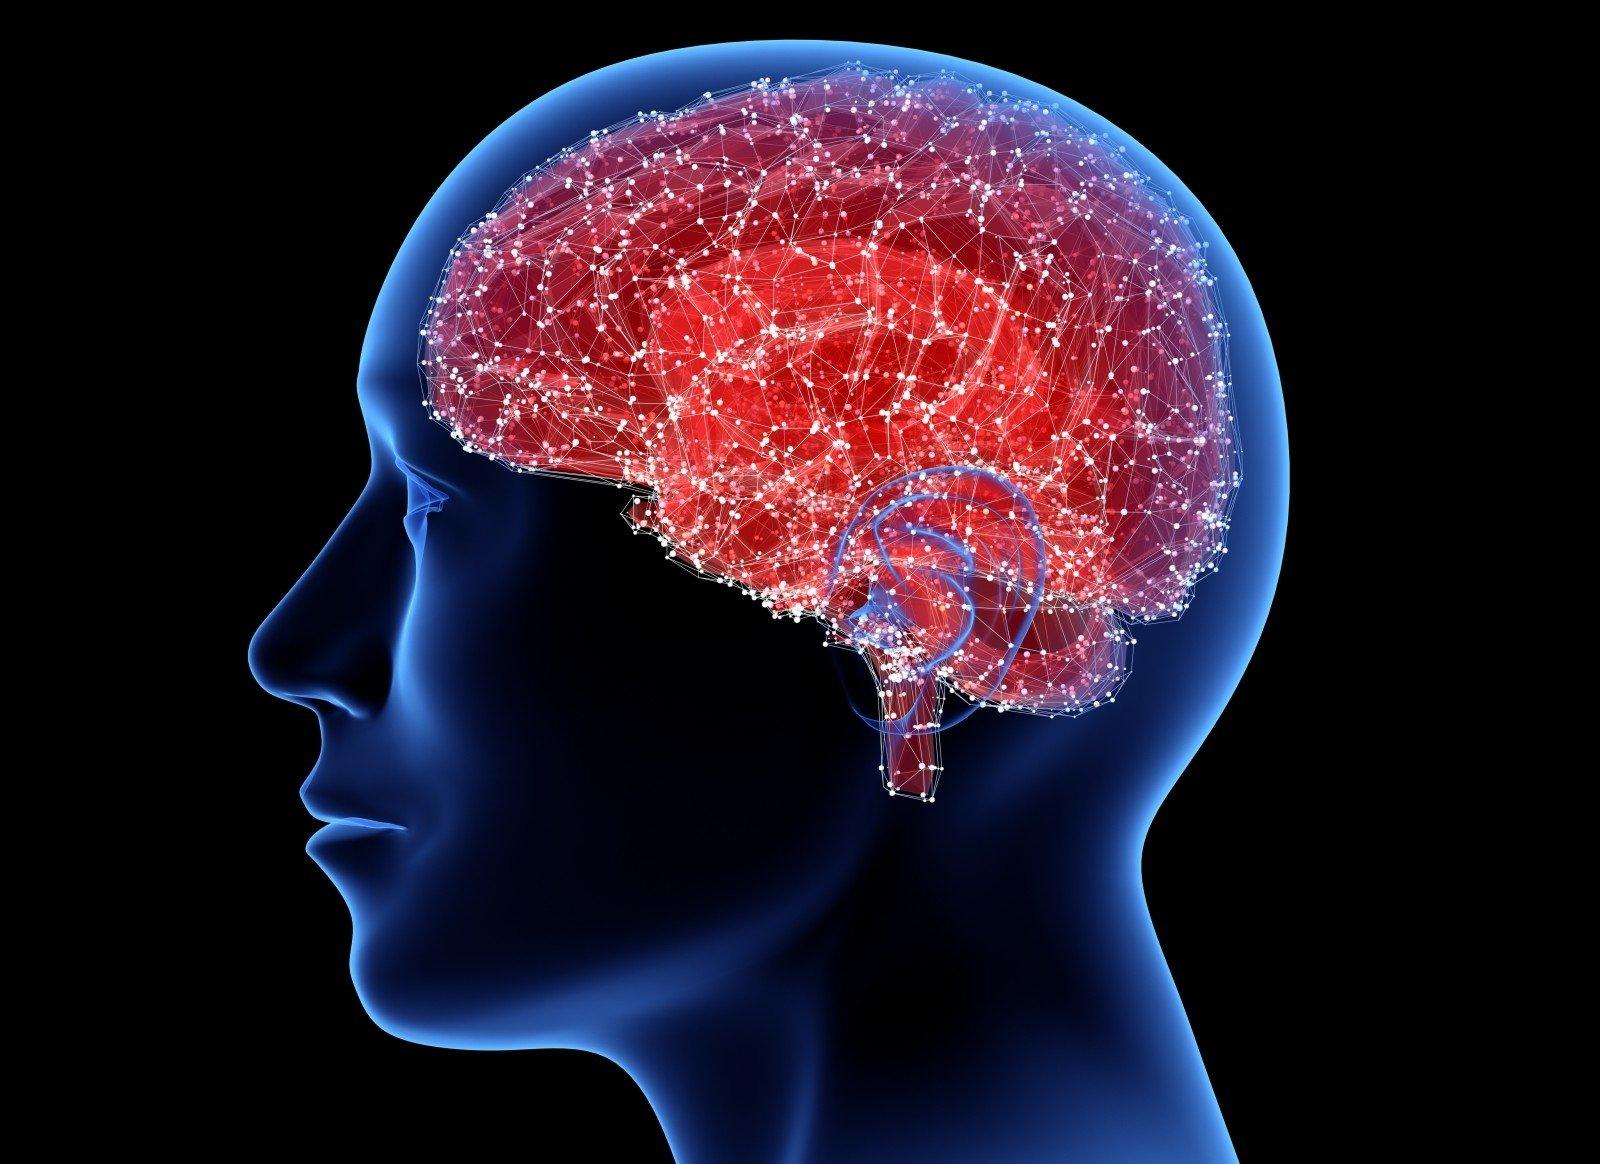 smegenų kraujavimas dėl hipertenzijos)